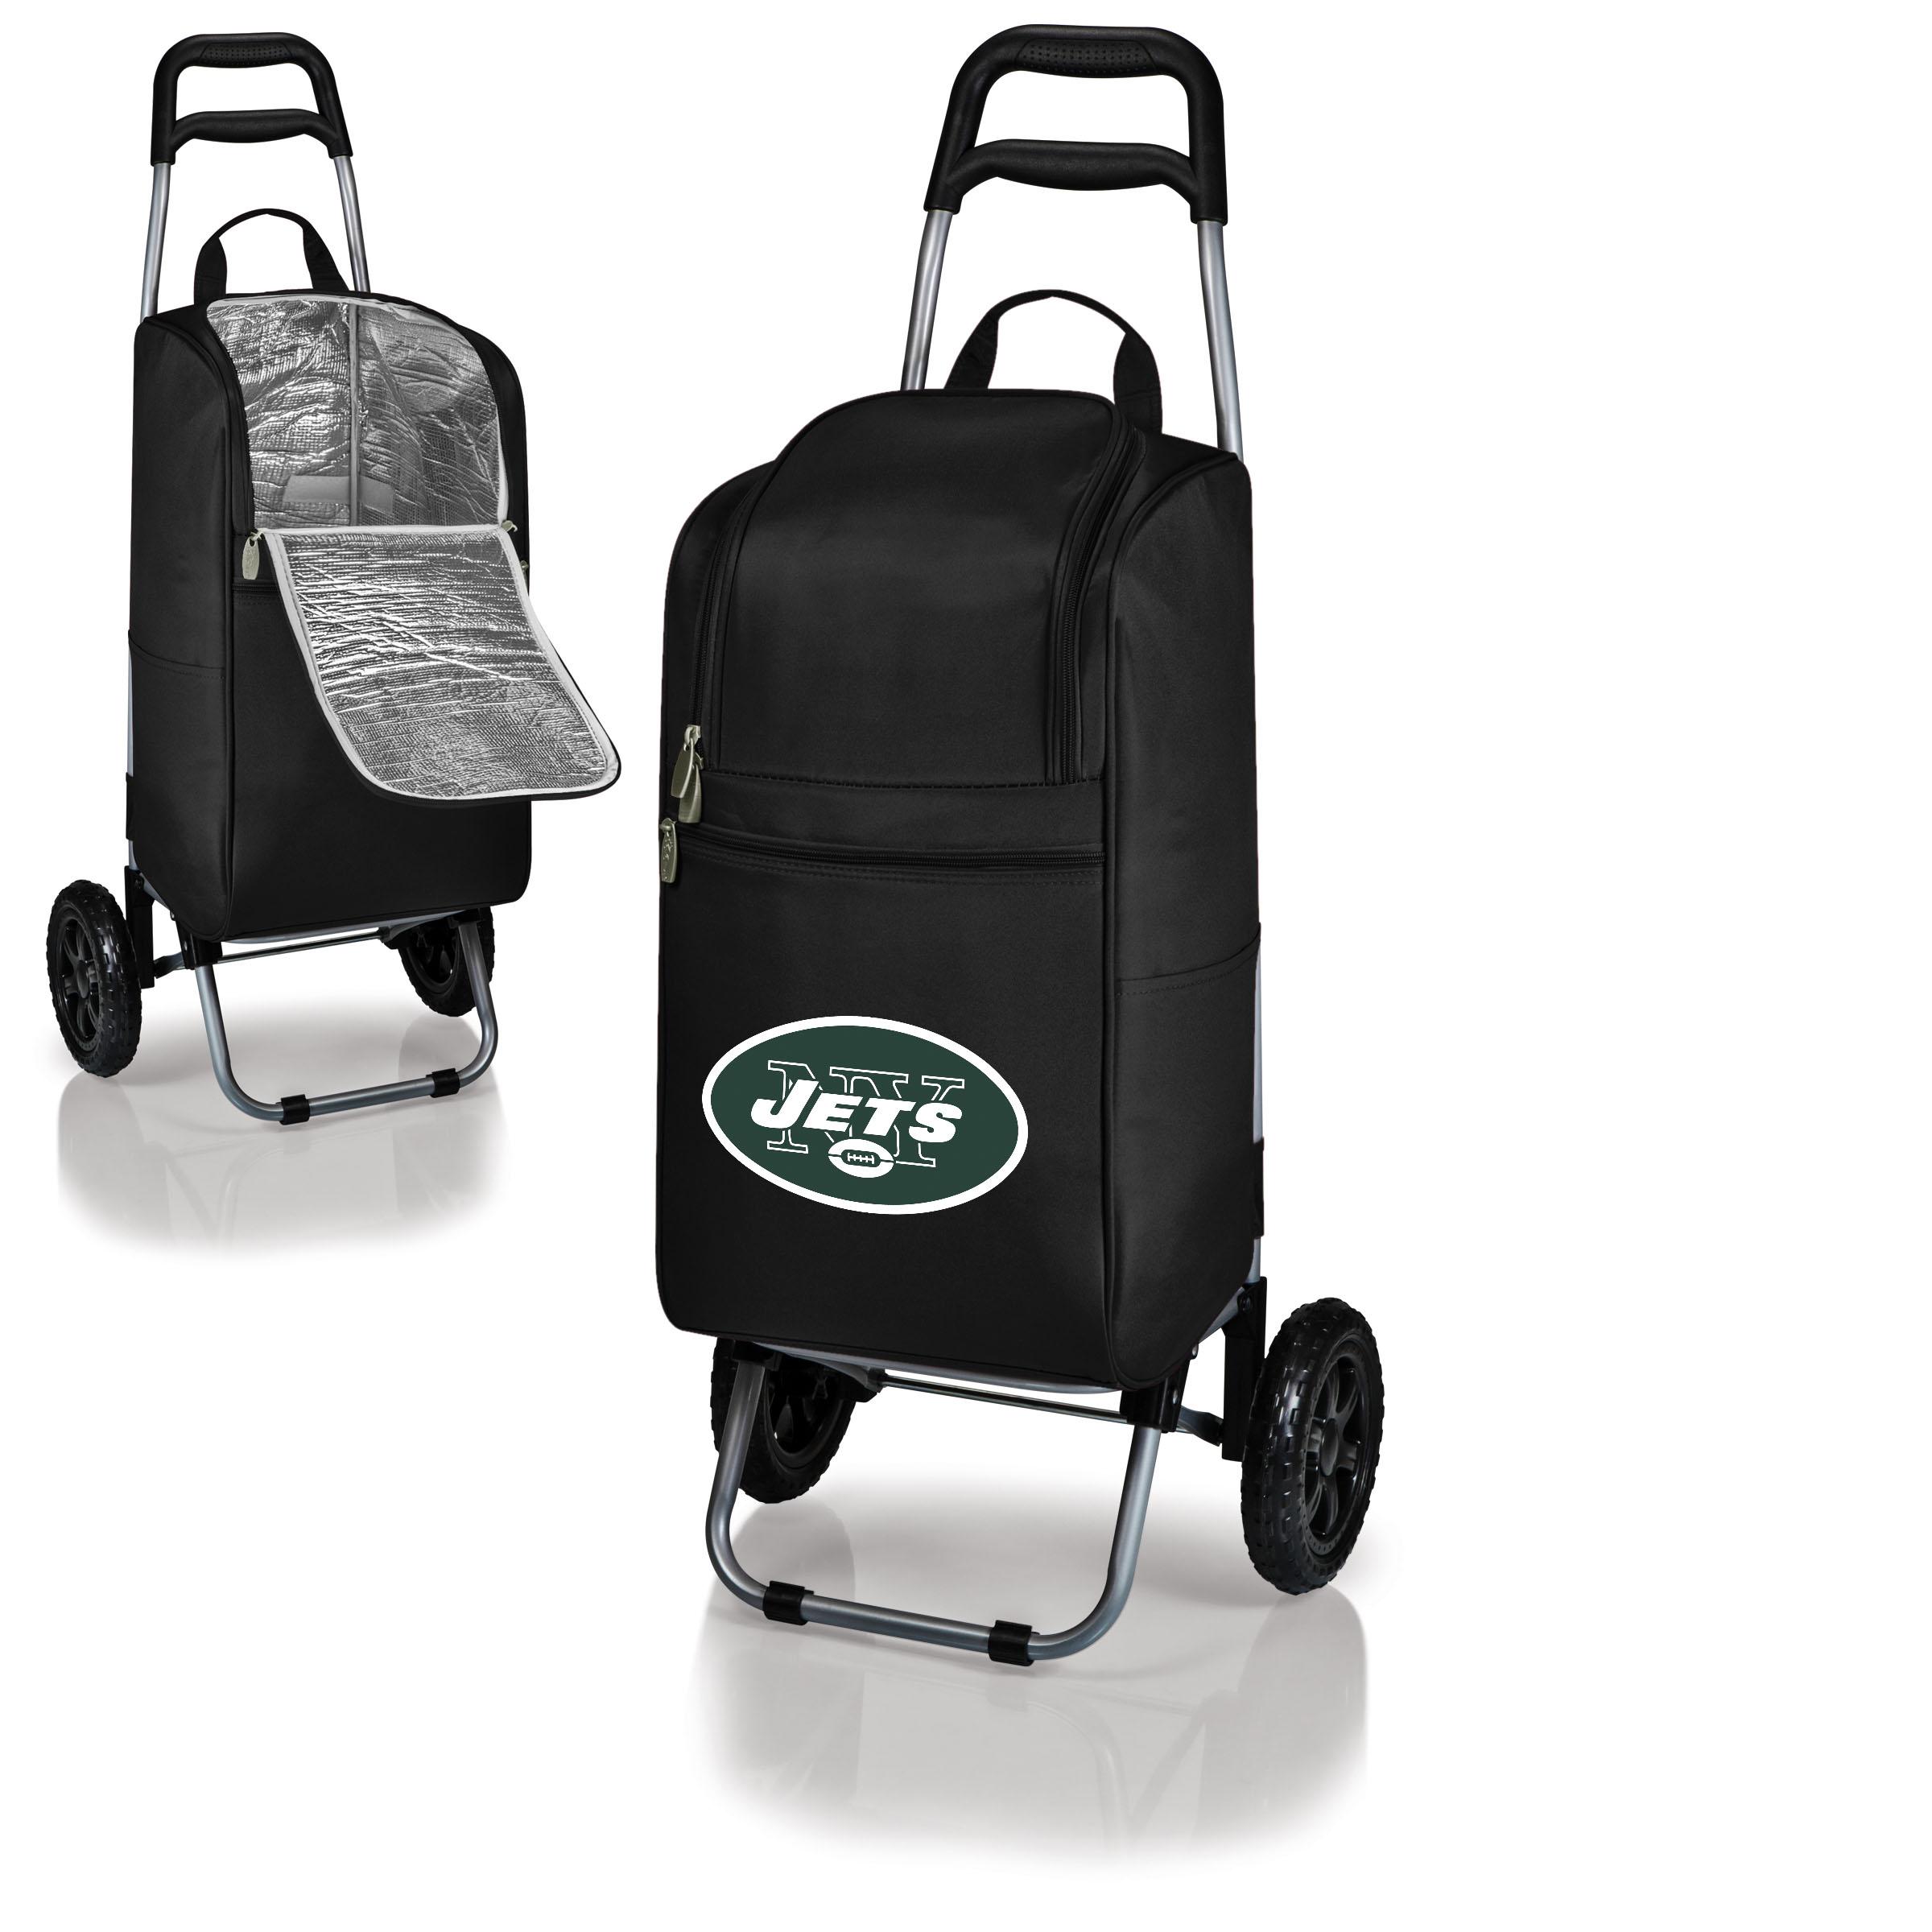 New York Jets Cart Cooler - Black - No Size